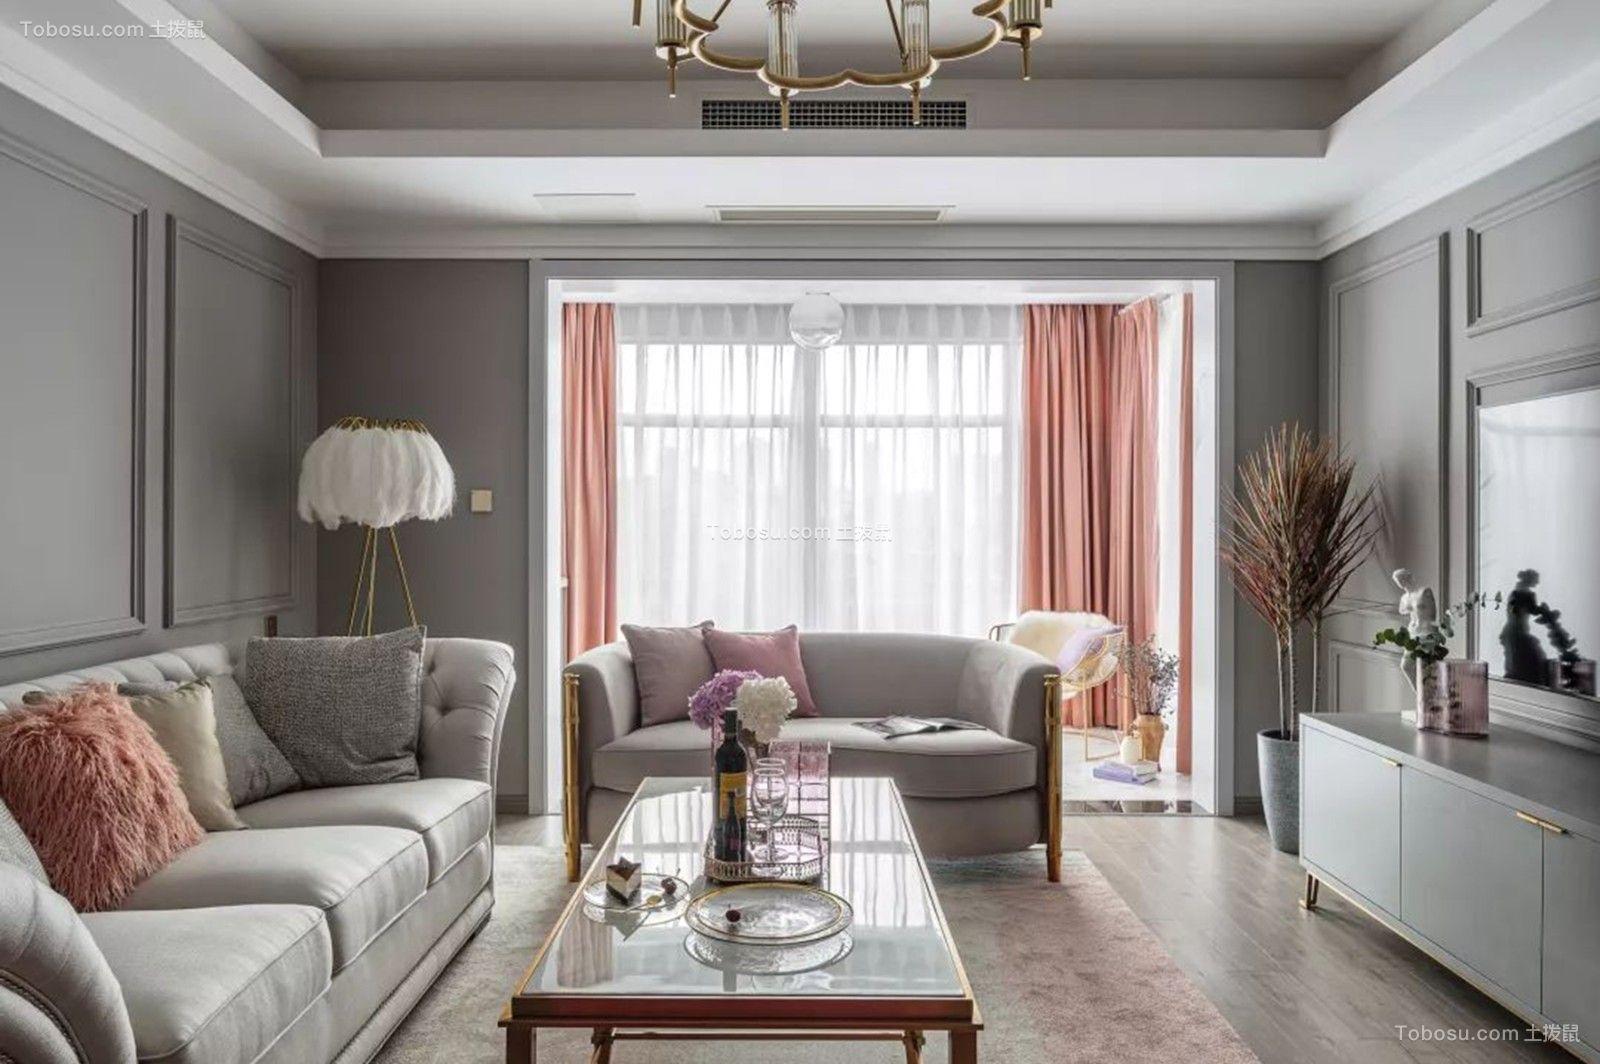 盛达.国际新城  126㎡轻奢美式3室2厅,打造一见倾心的优雅风范!